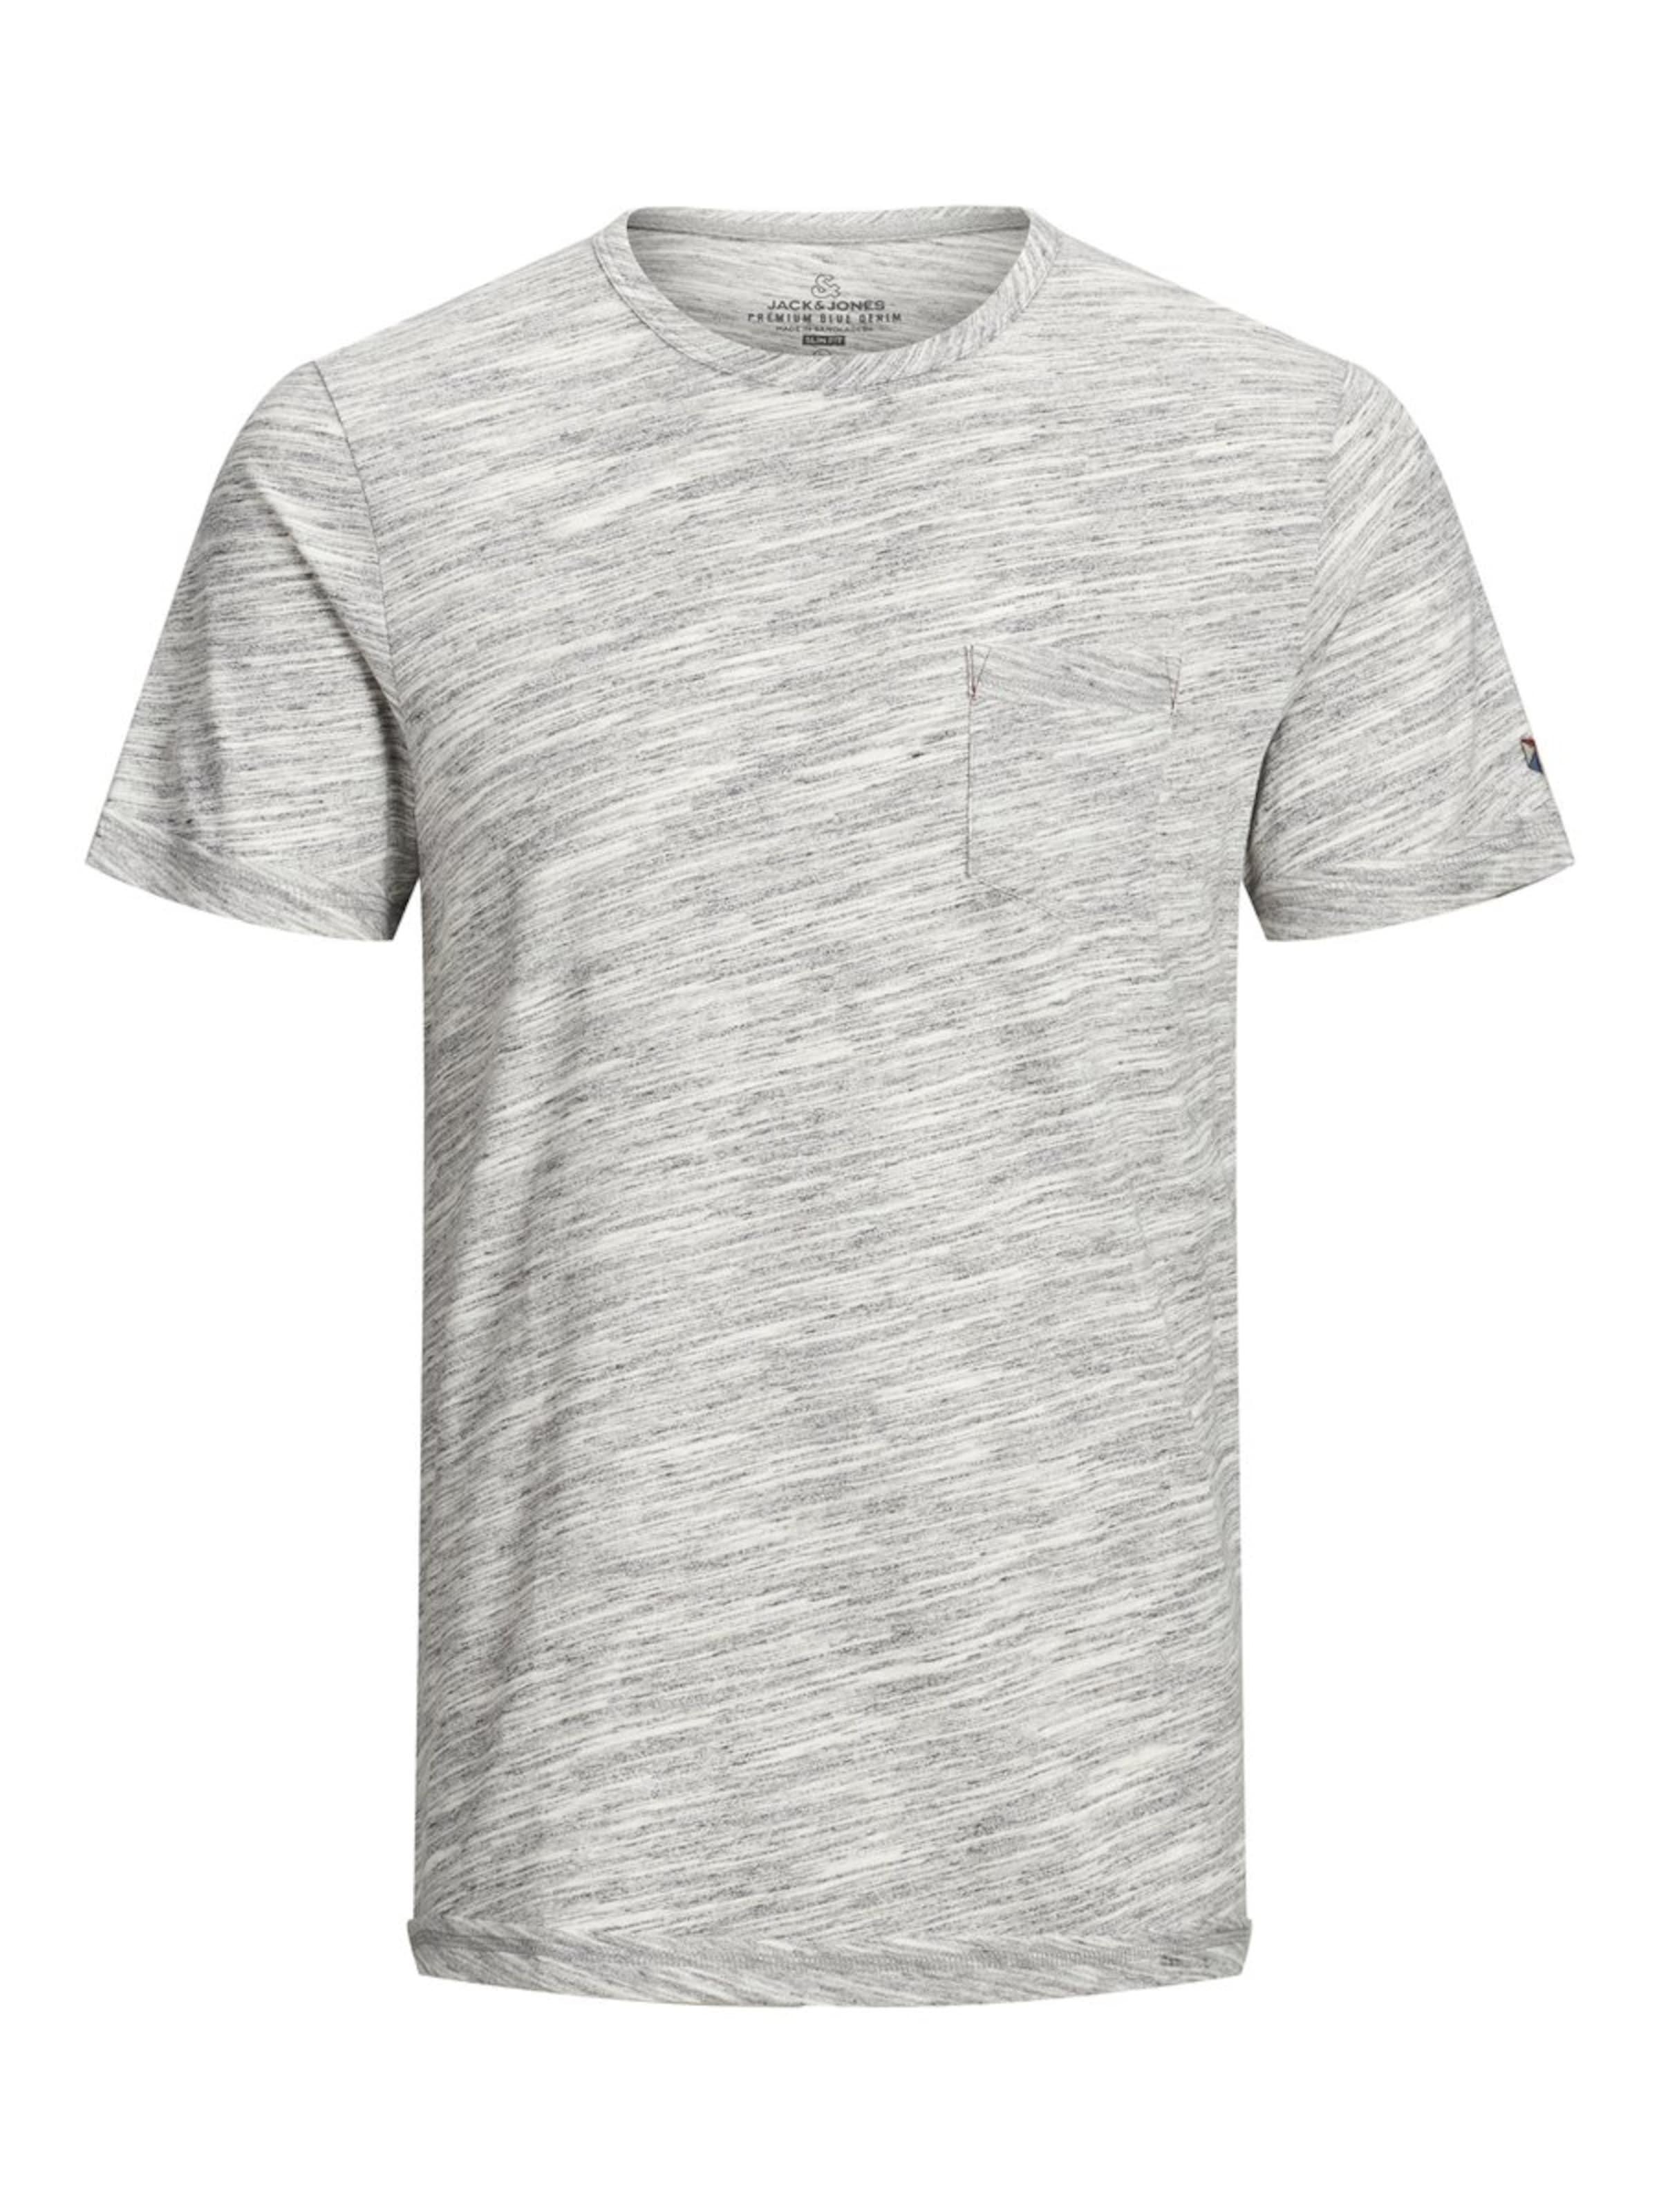 T Jackamp; Chiné shirt Jones En Gris OkwPnN8X0